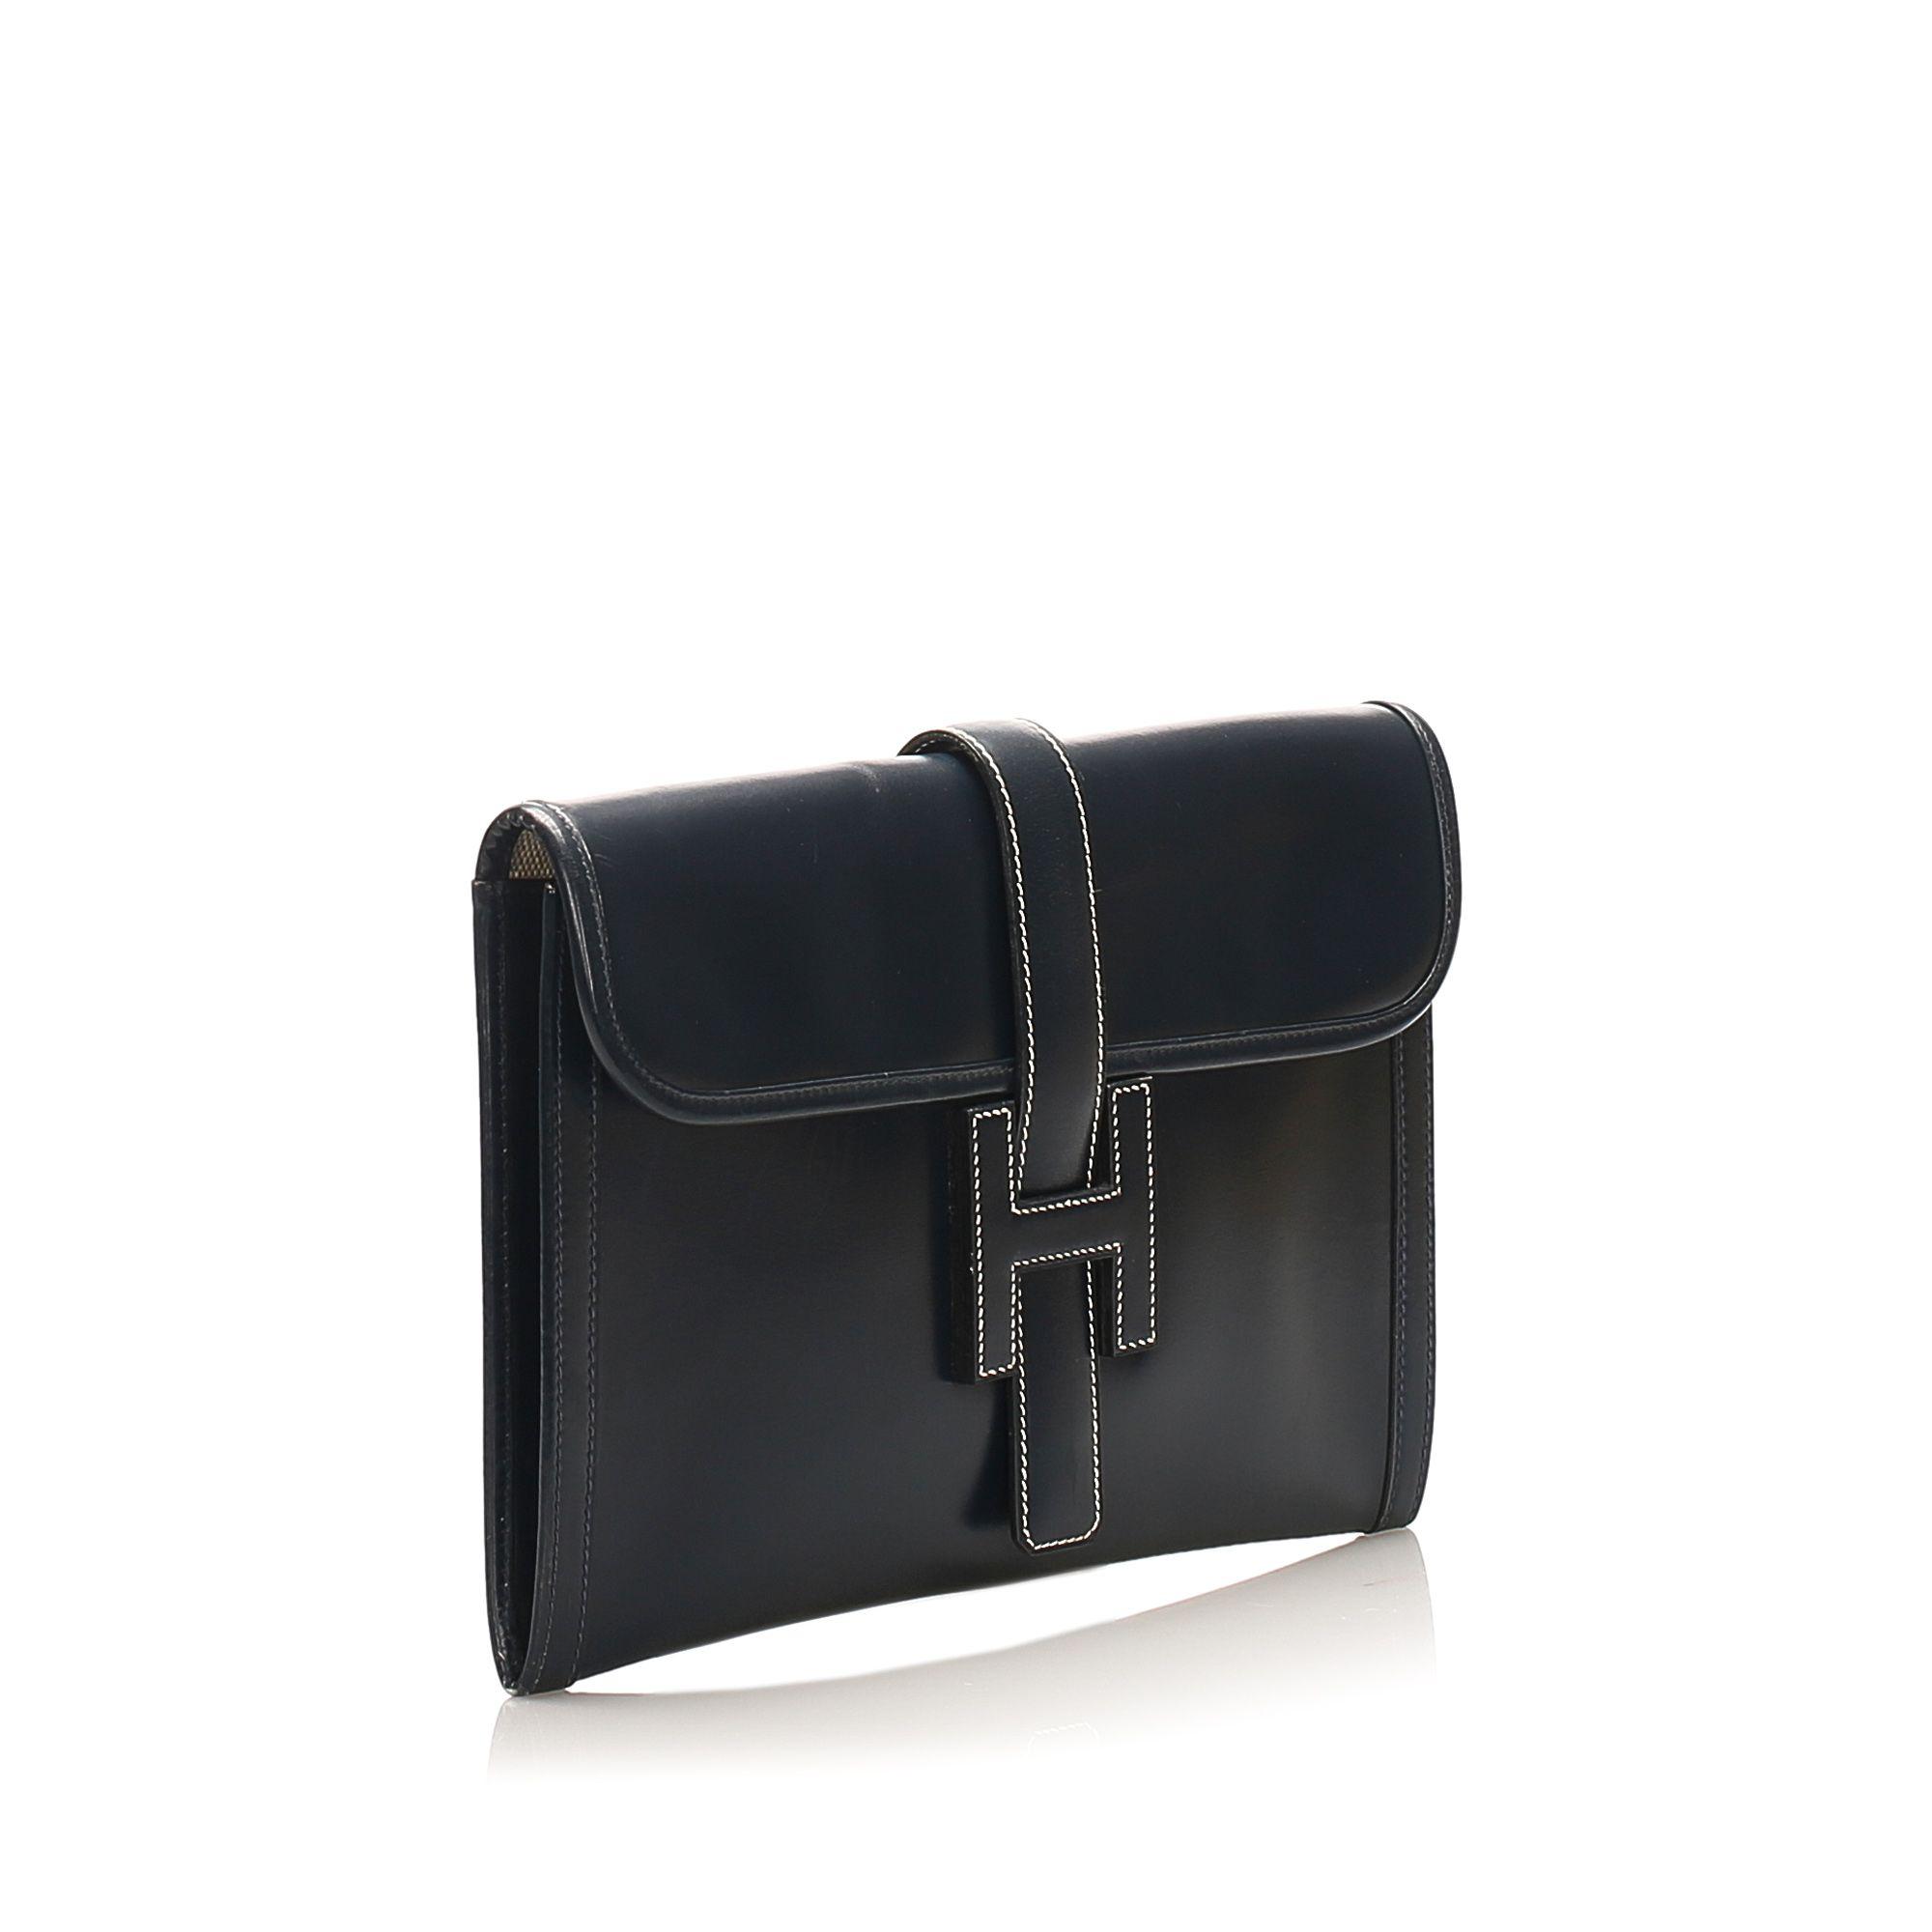 Vintage Hermes Jige PM Leather Clutch Bag Black